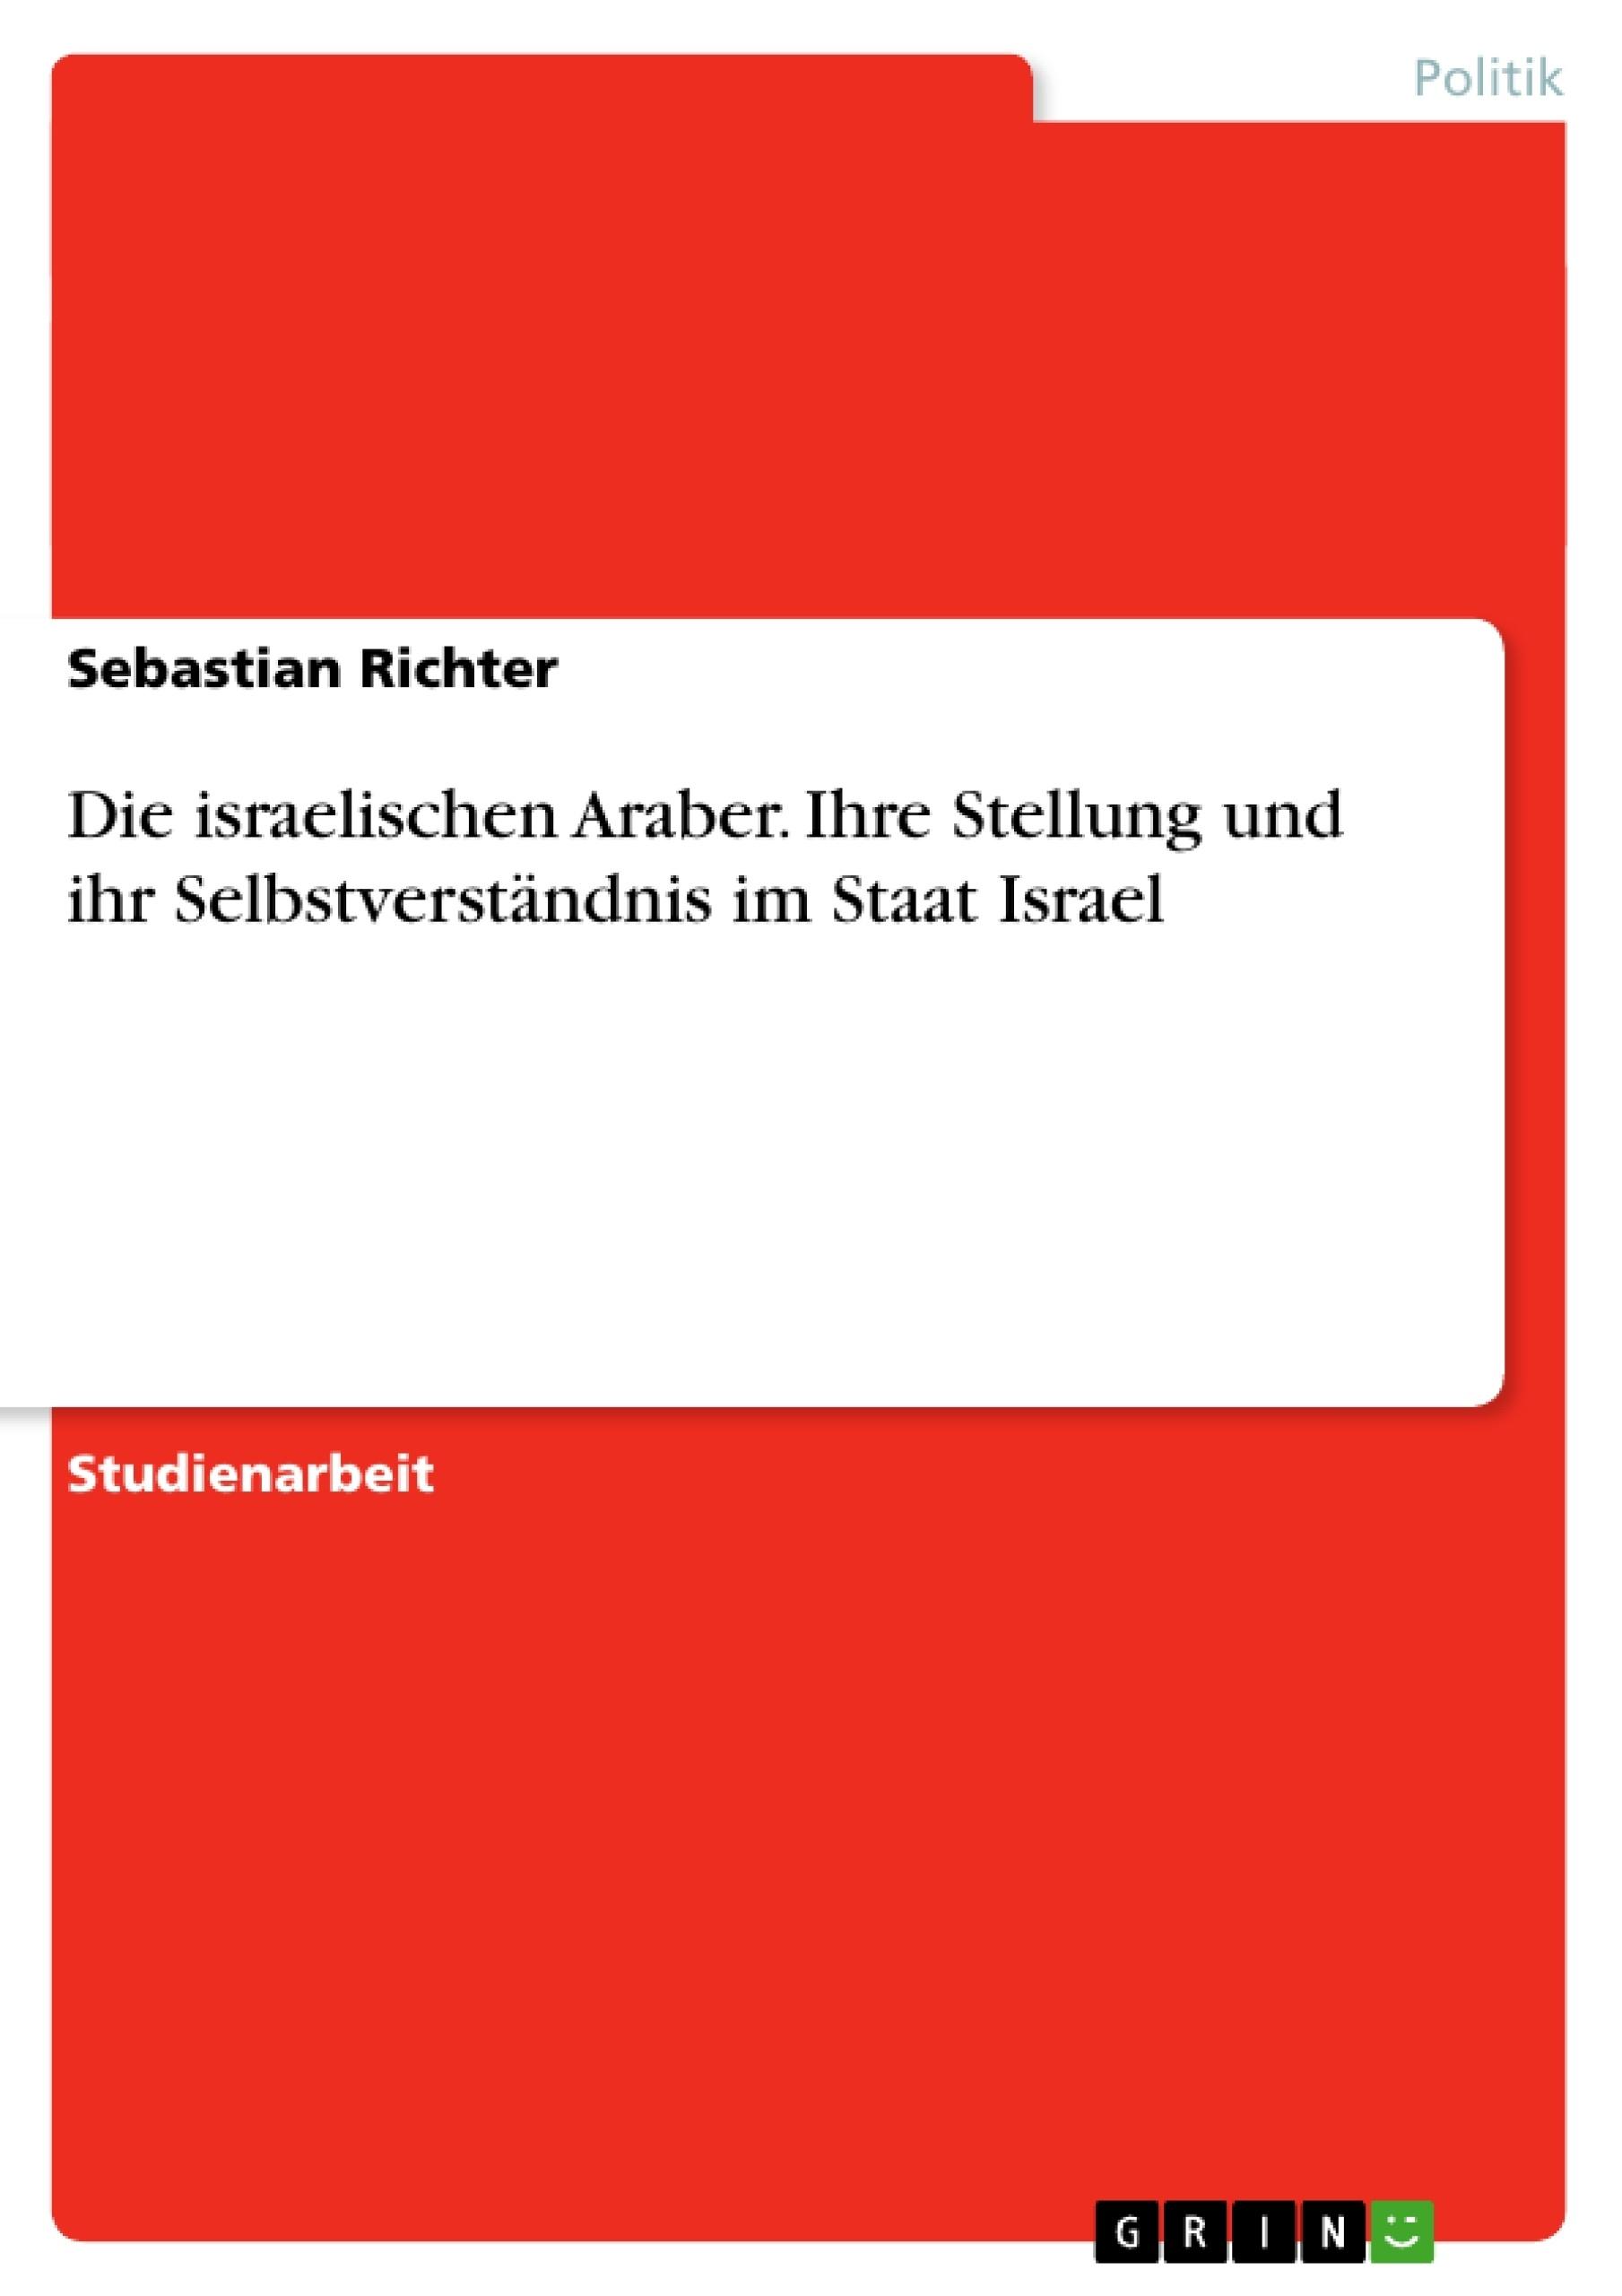 Titel: Die israelischen Araber. Ihre Stellung und ihr Selbstverständnis im Staat Israel